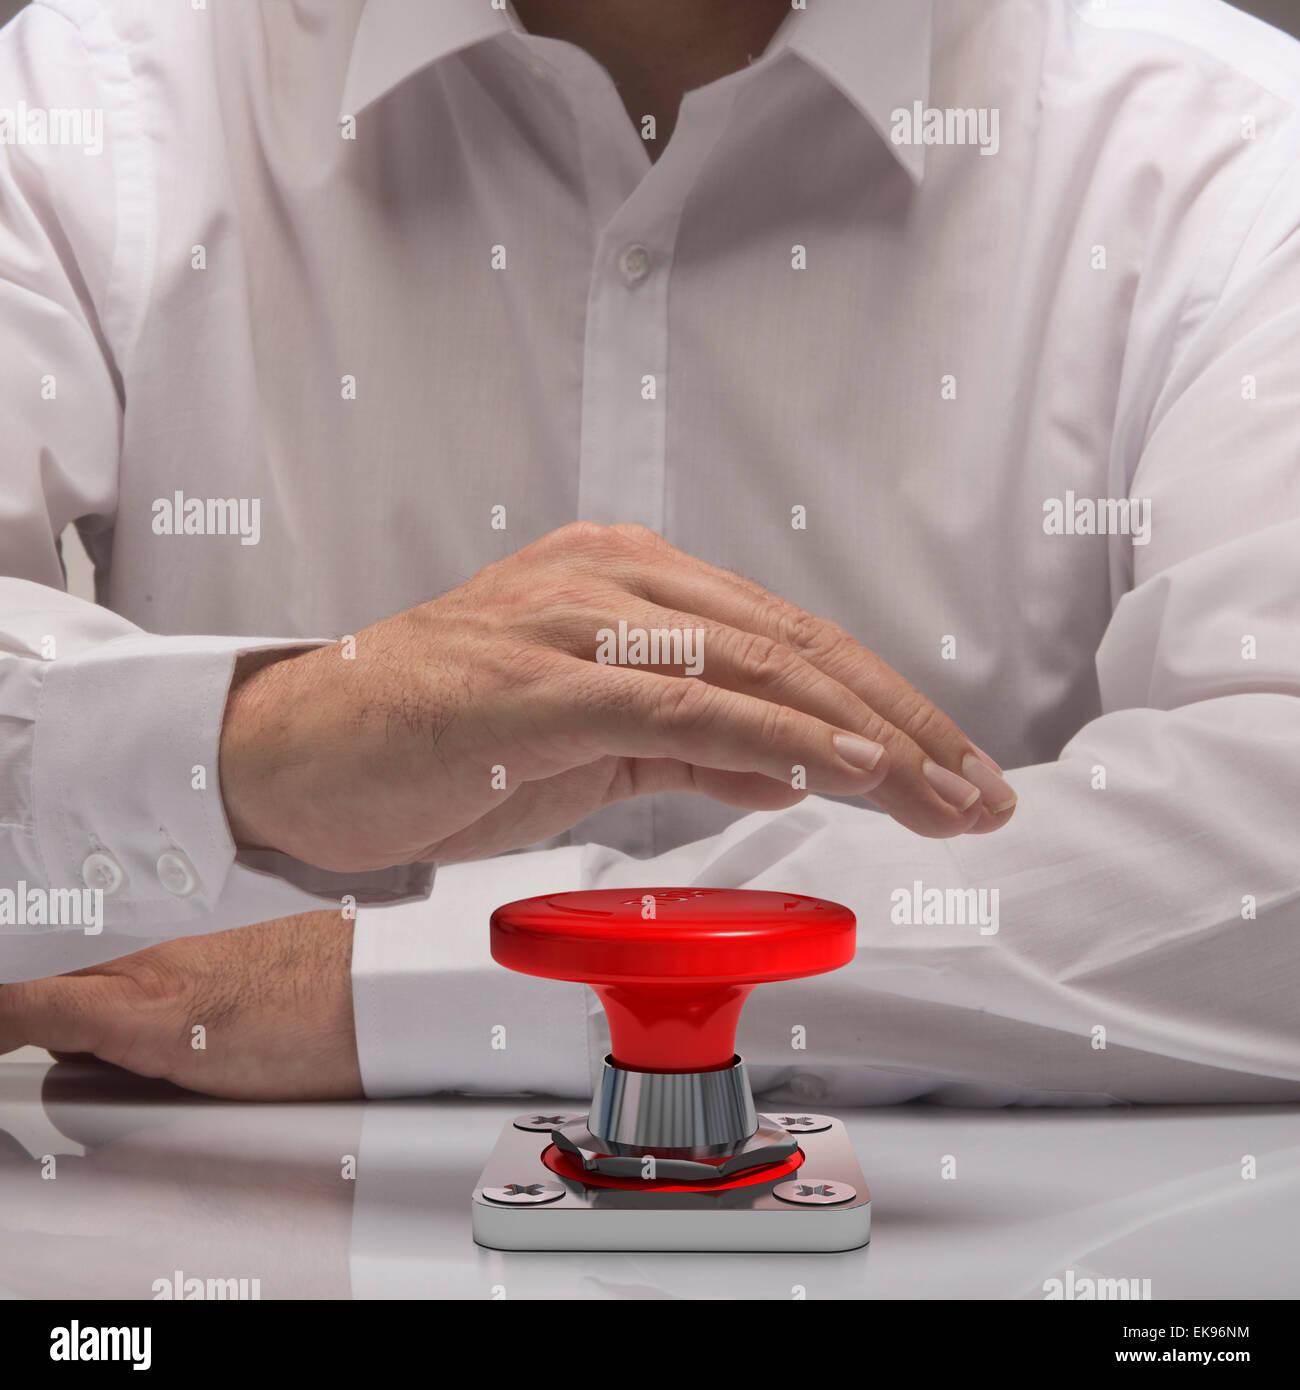 Mano premendo il pulsante di emergenza, una camicia bianca e riflessione. simbolo di urgenza e di problem solving Immagini Stock